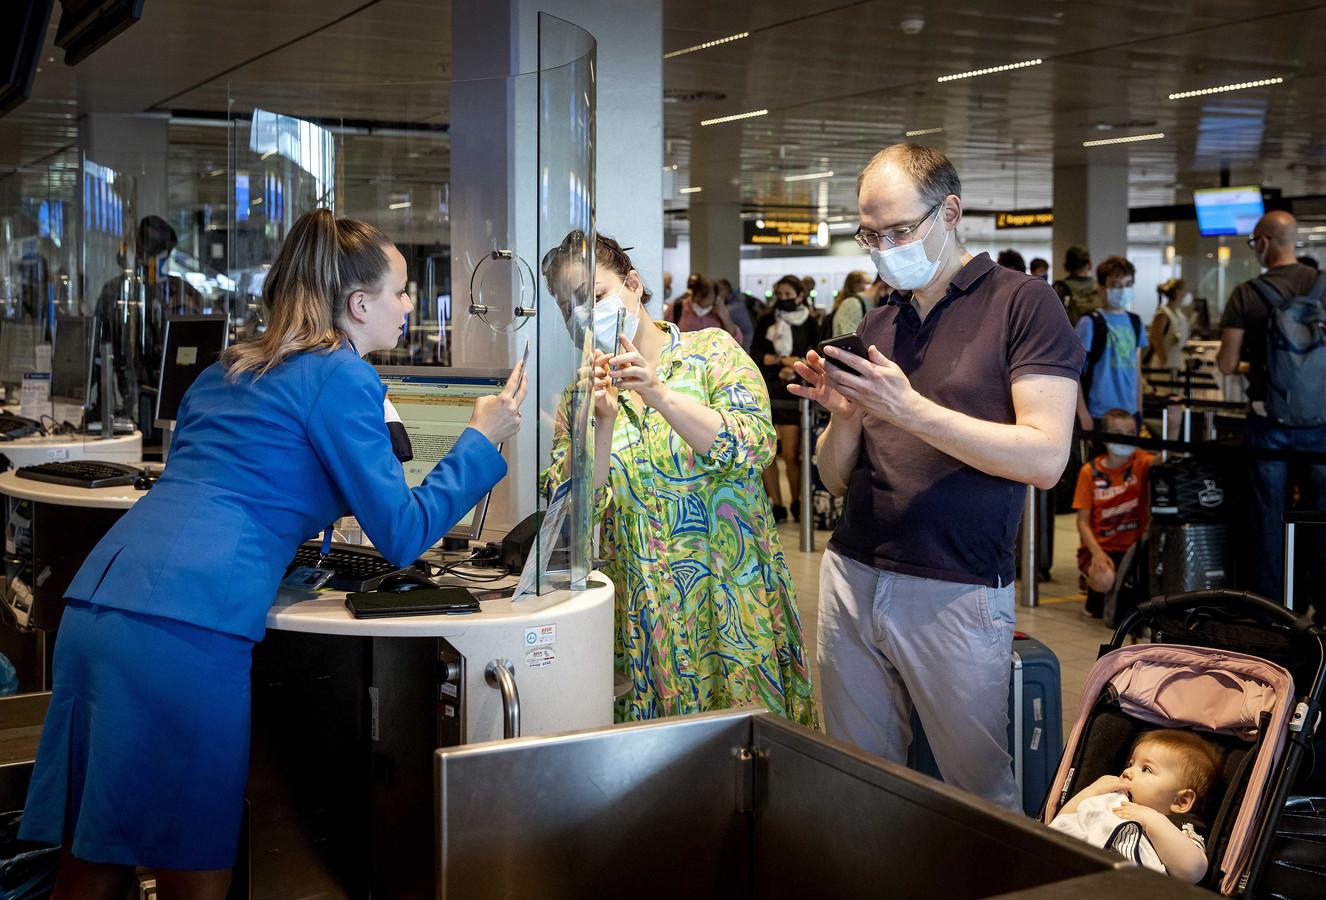 Incheckbalies van KLM op Schiphol Airport.